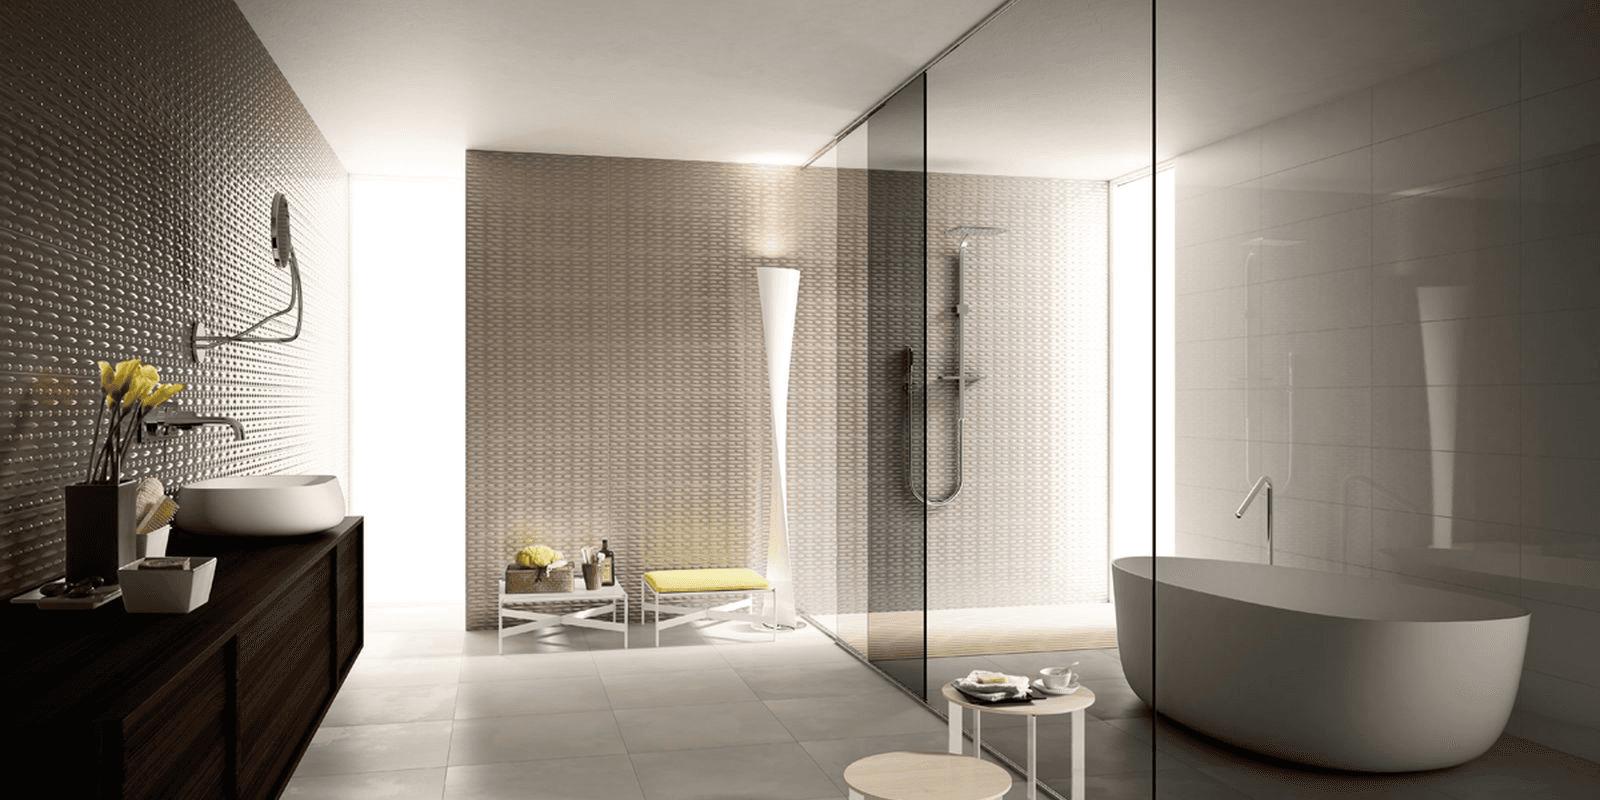 Arredo bagno | Modena, MO | Boni Ceramiche